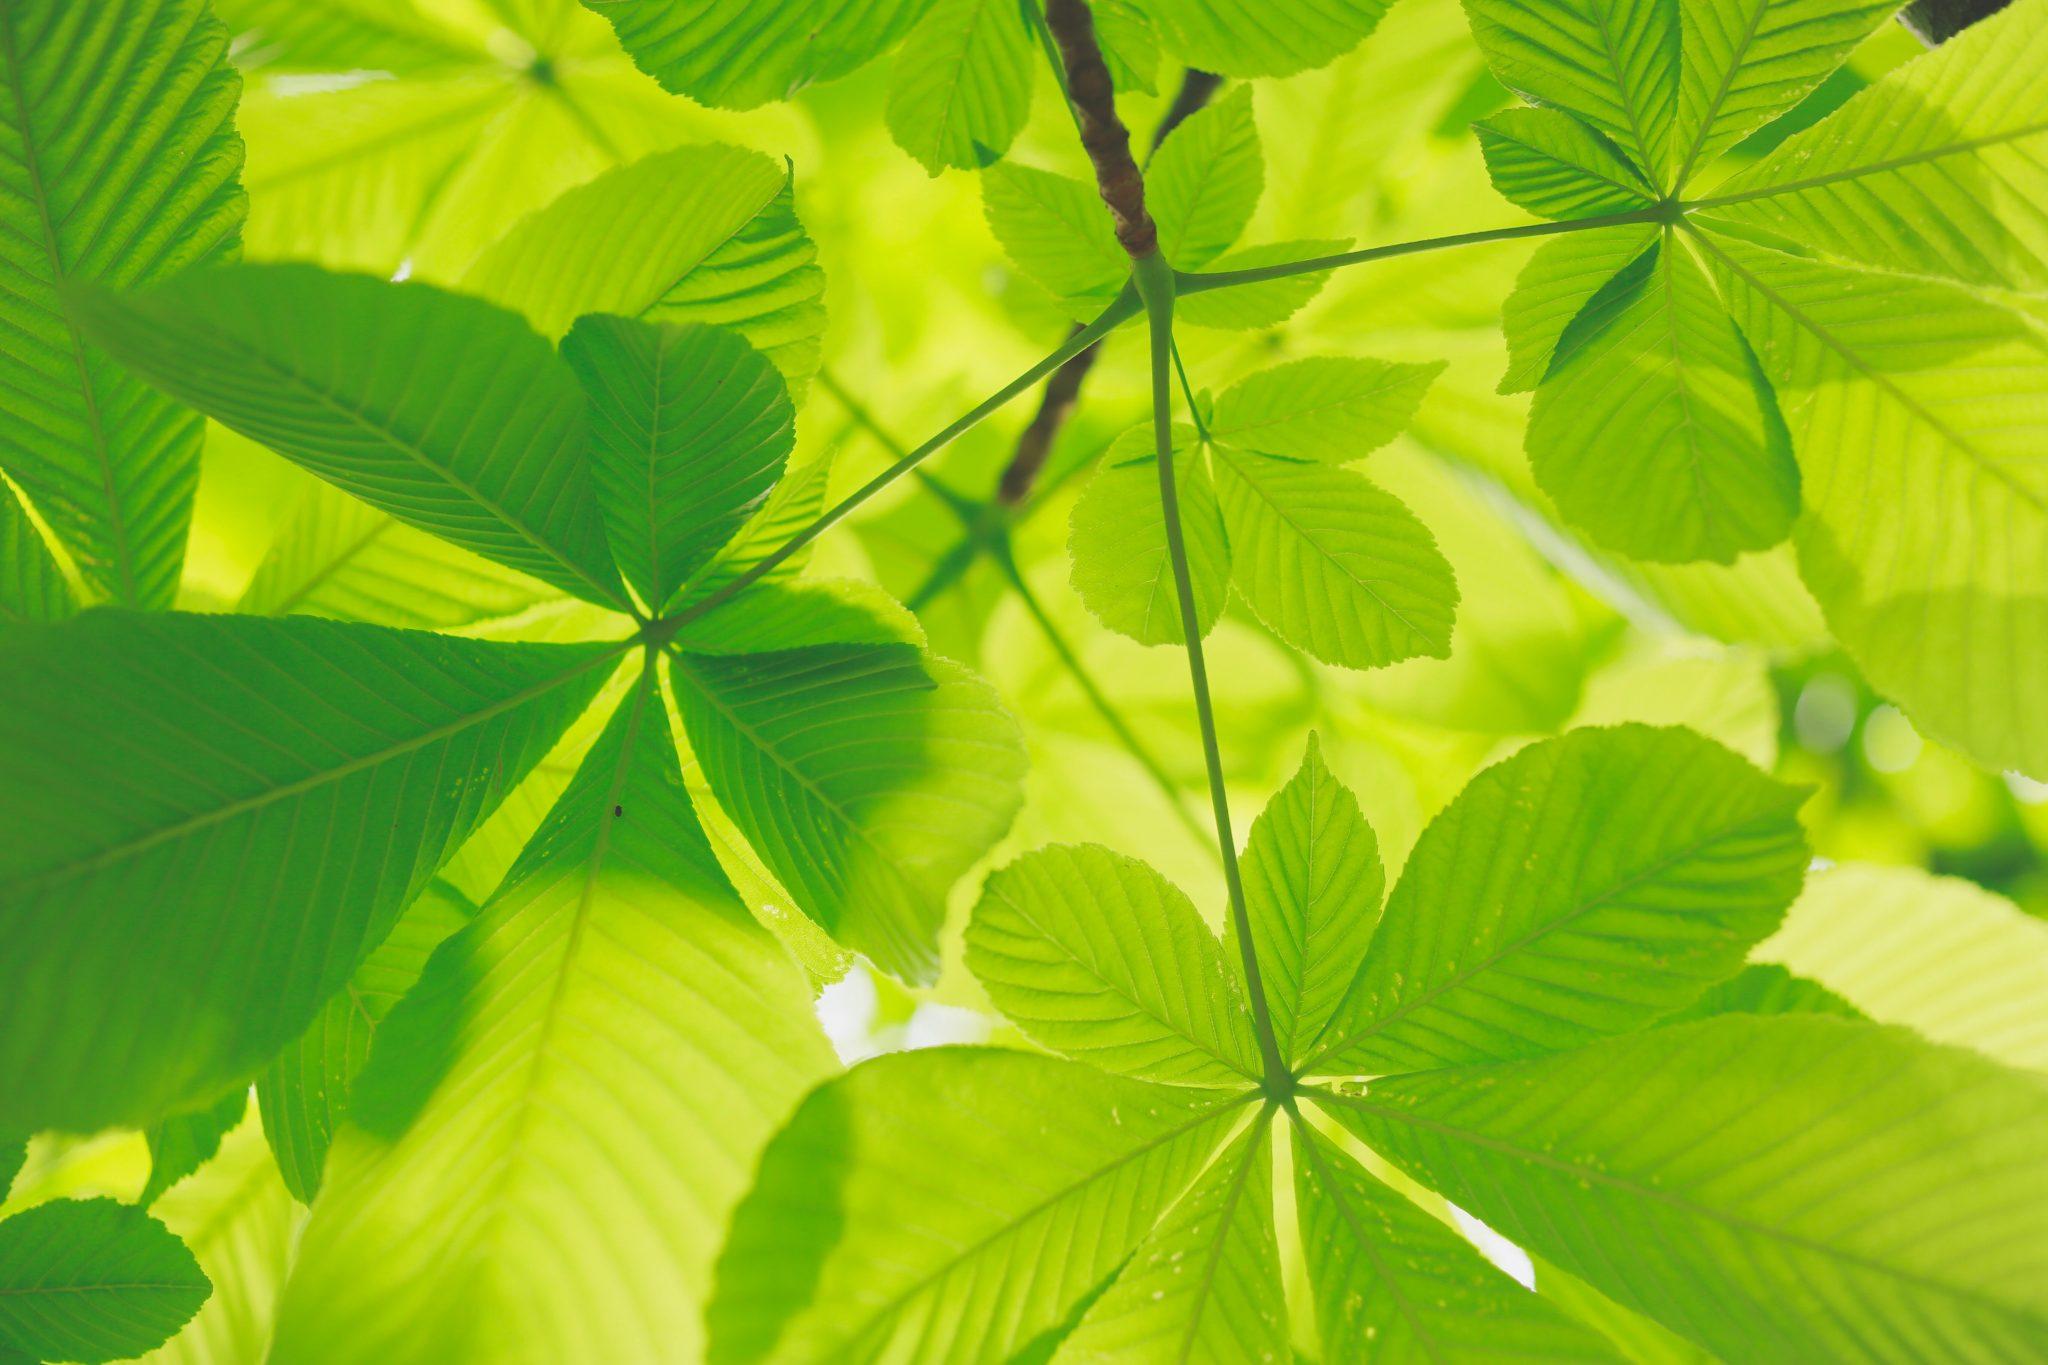 Protégé: 5 actions eco-responsables